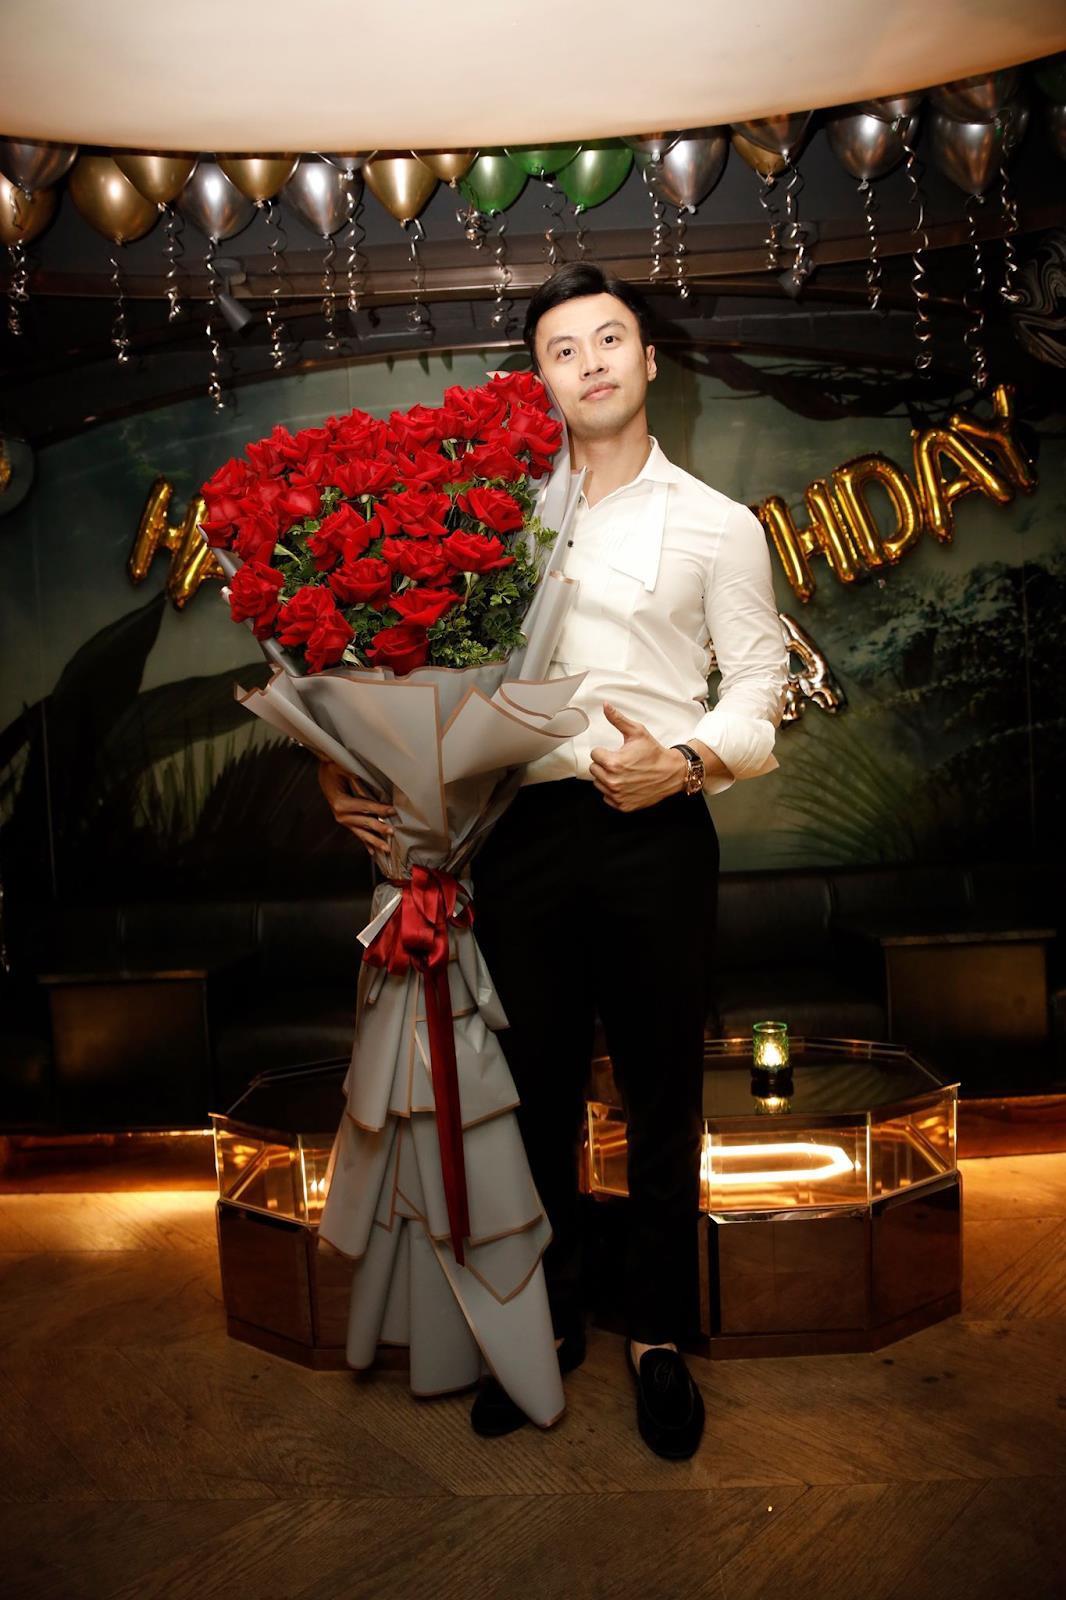 """Hoa Online 24/7: tiết lộ xu hướng hoa """"siêu to khổng lồ dành tặng phái nữ ngày 20/10 - Ảnh 1."""